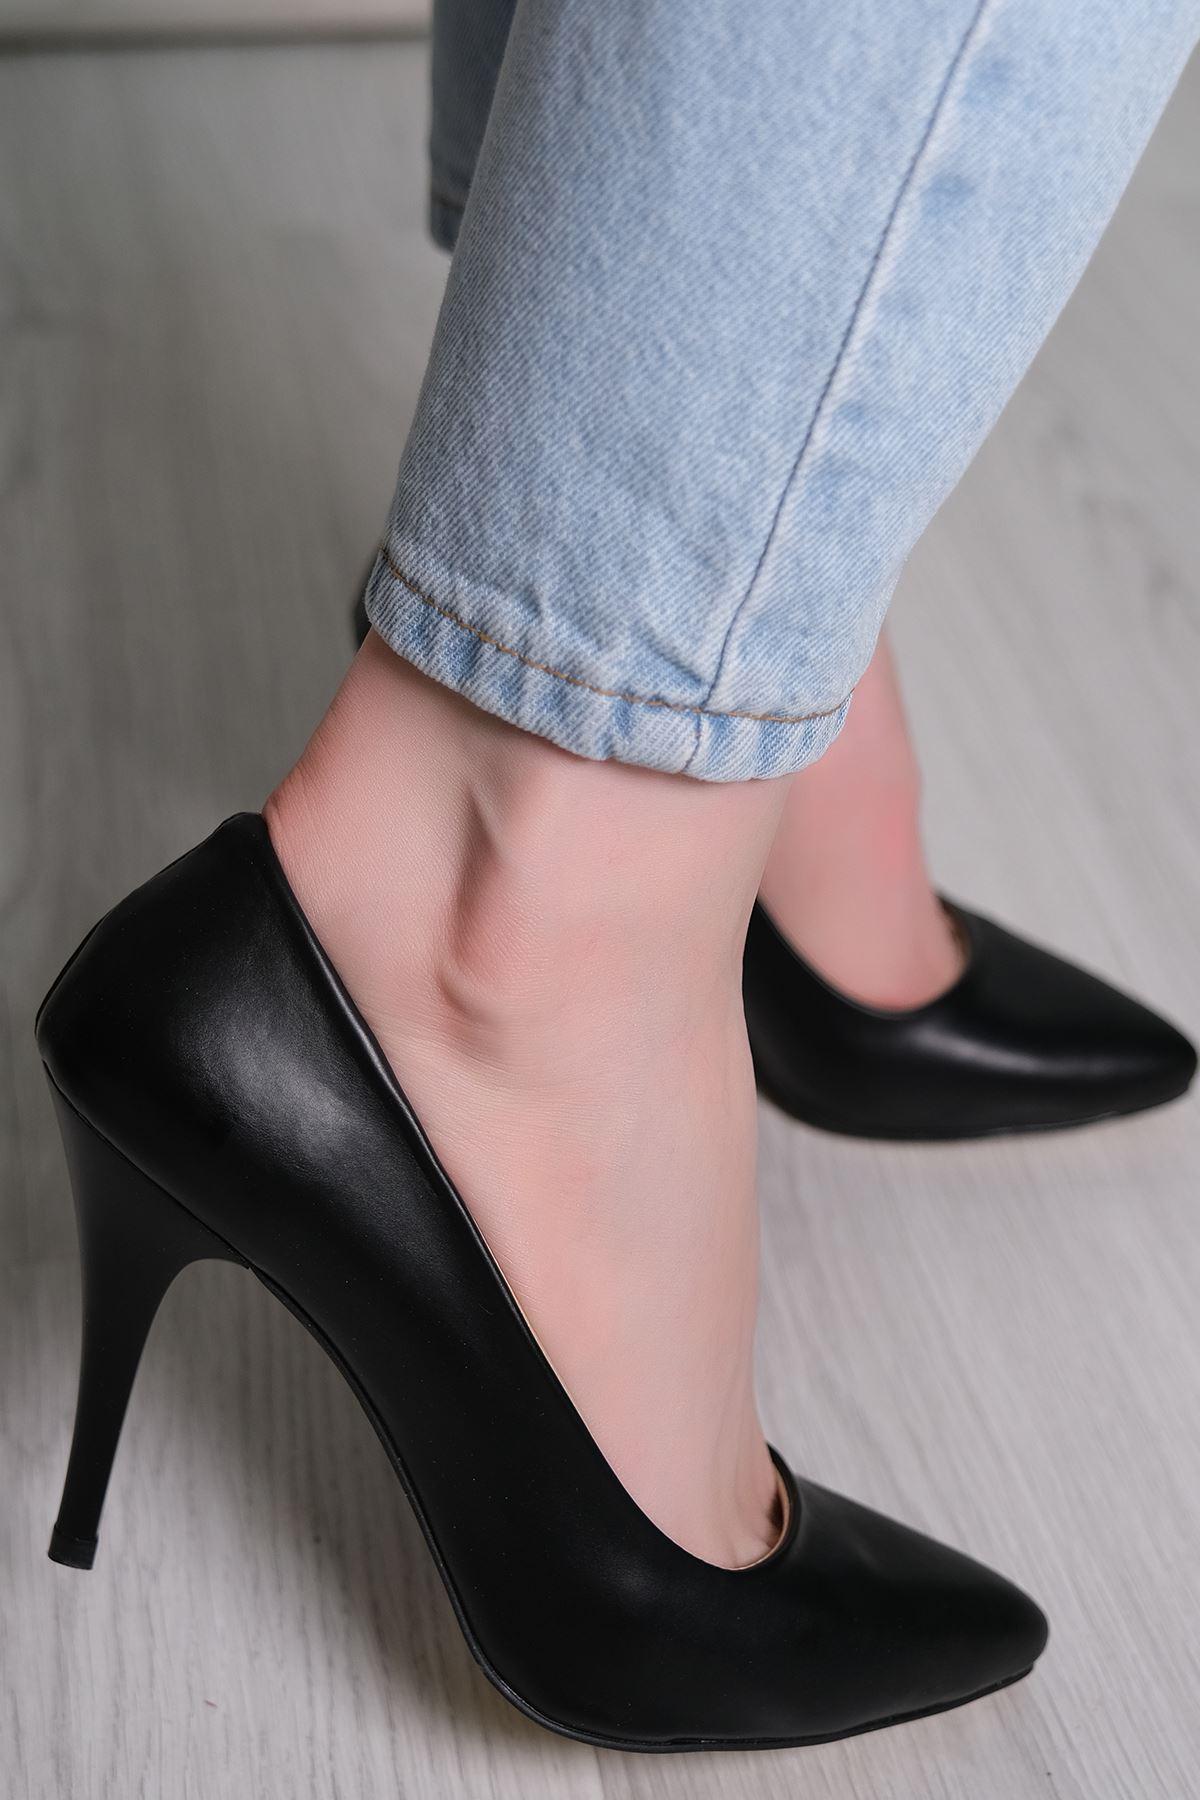 9Cm Topuklu Ayakkabı Siyahderi - 5177.264.